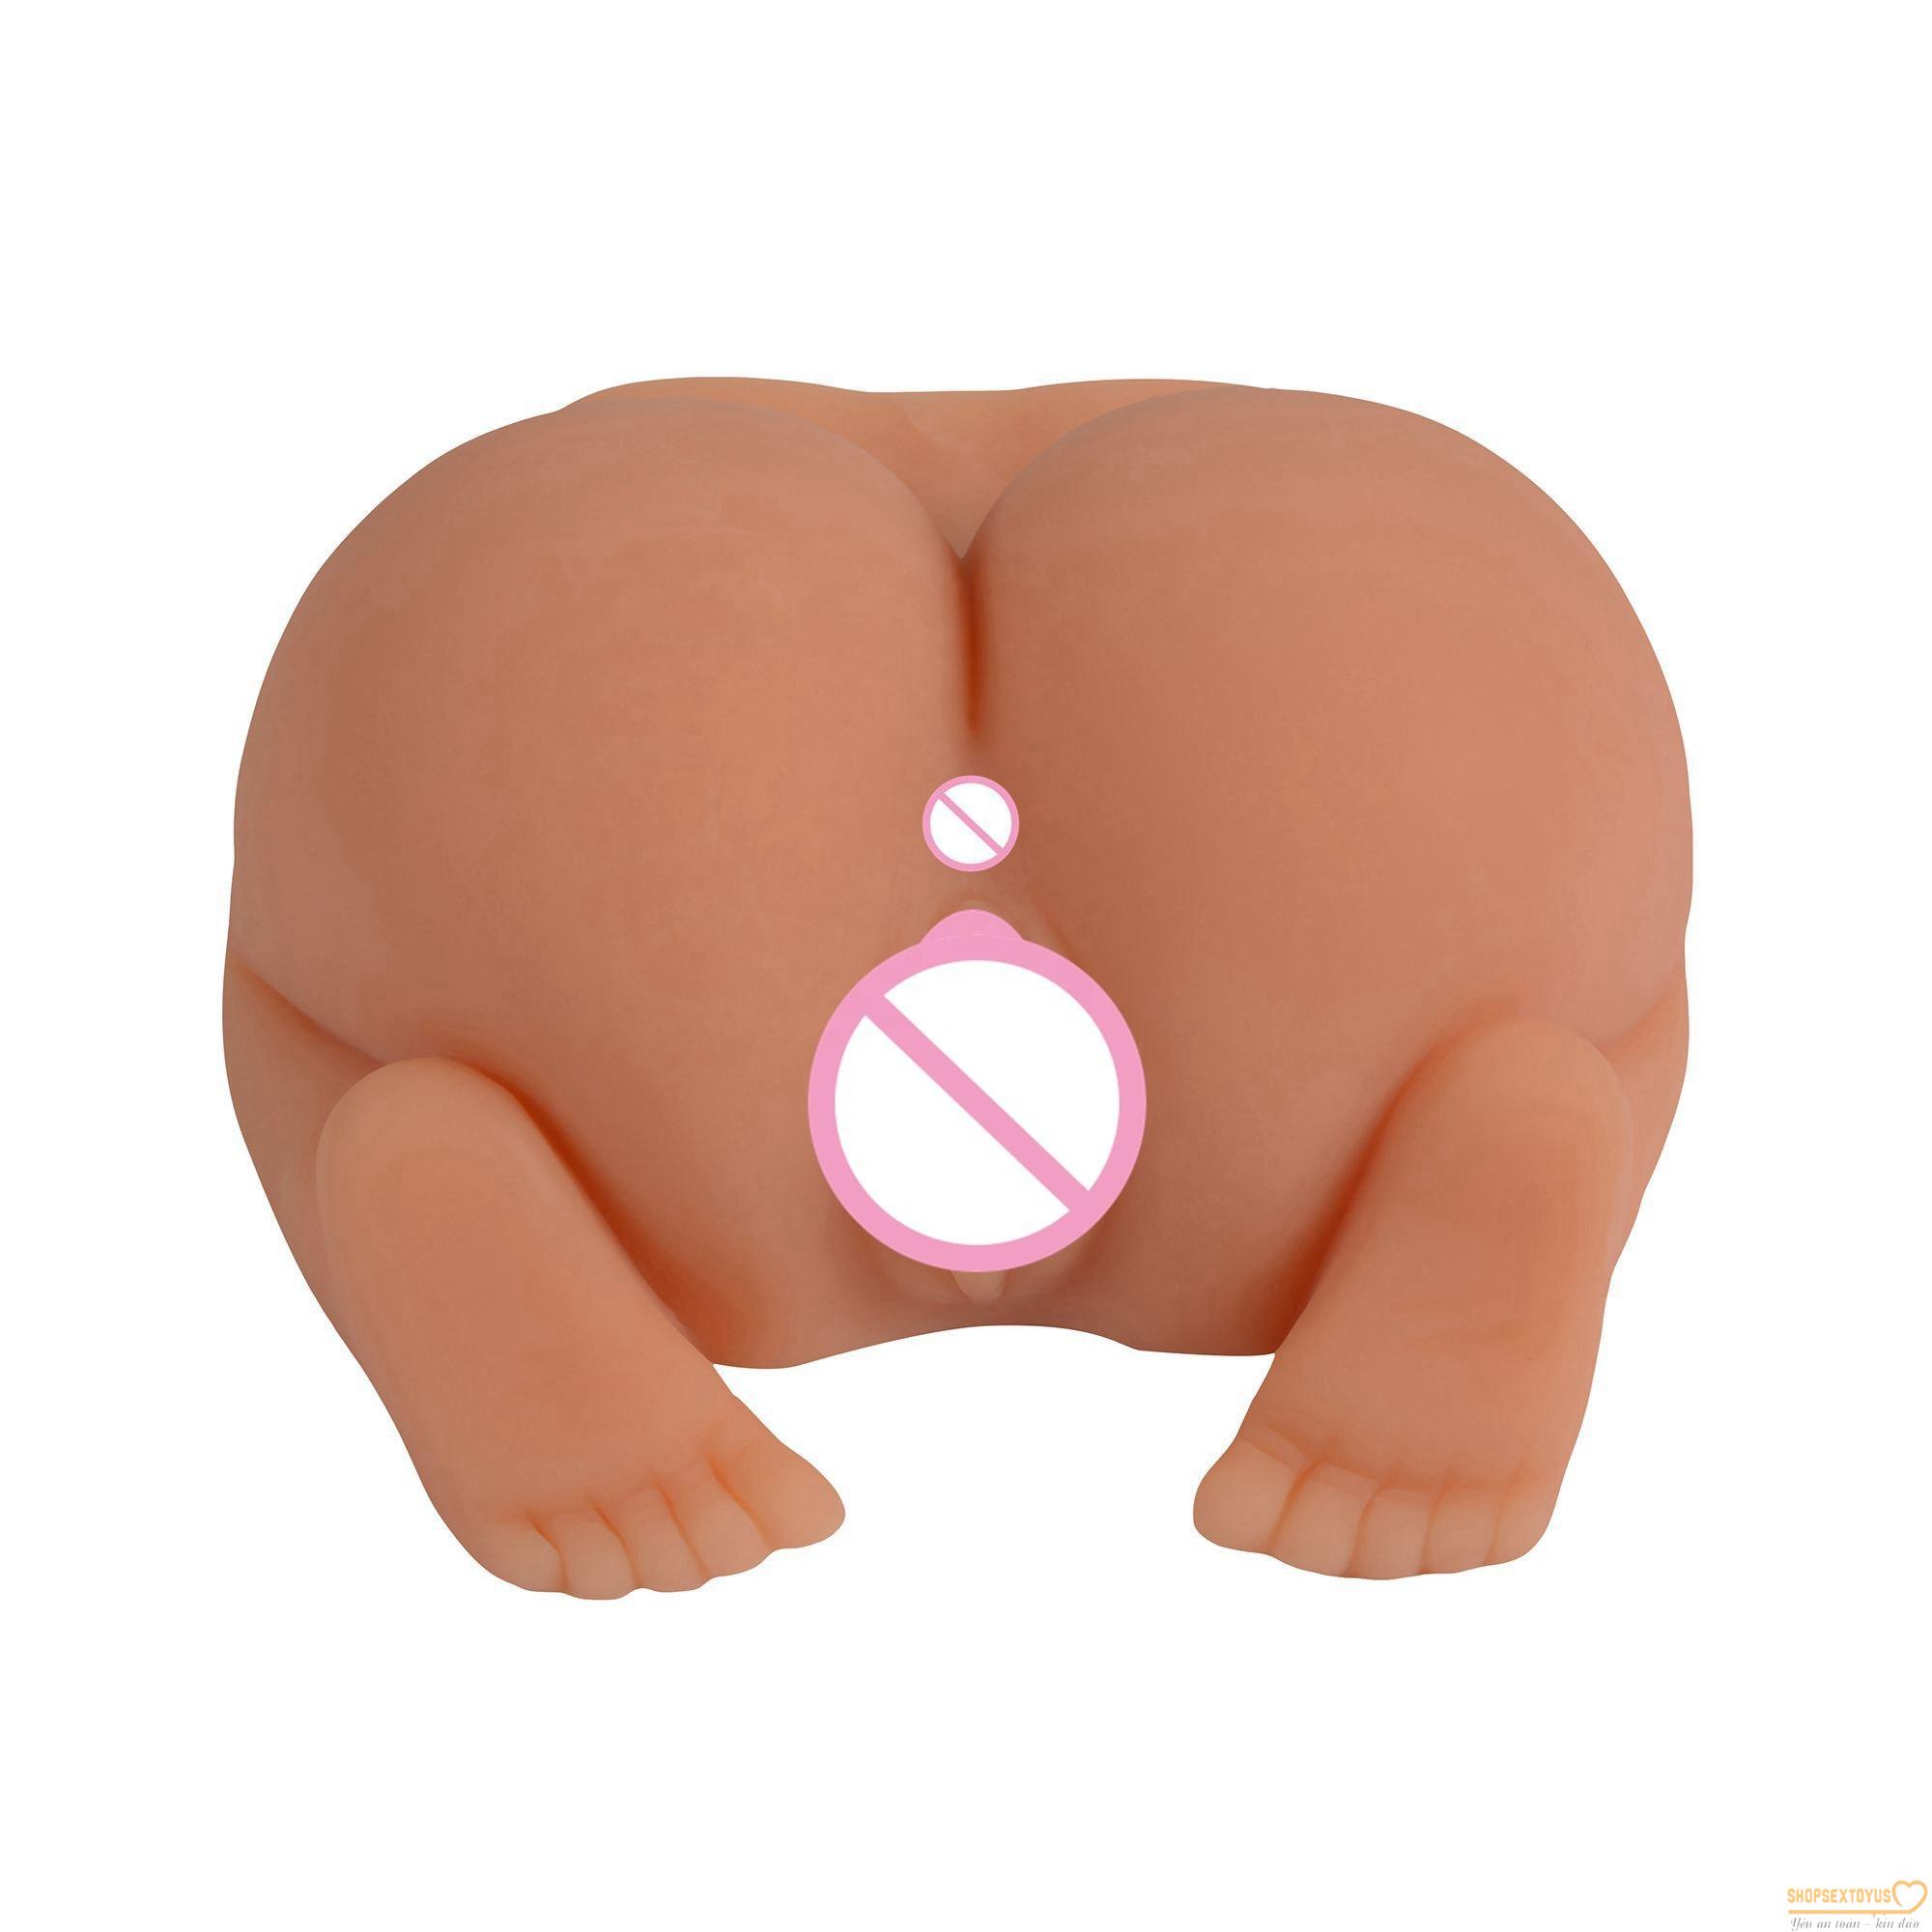 Mông giả có chân âm đạo giả silicone Evo Mona Ass – MG 259  Âm đạo giả cho nam như thật làm bằng silicone